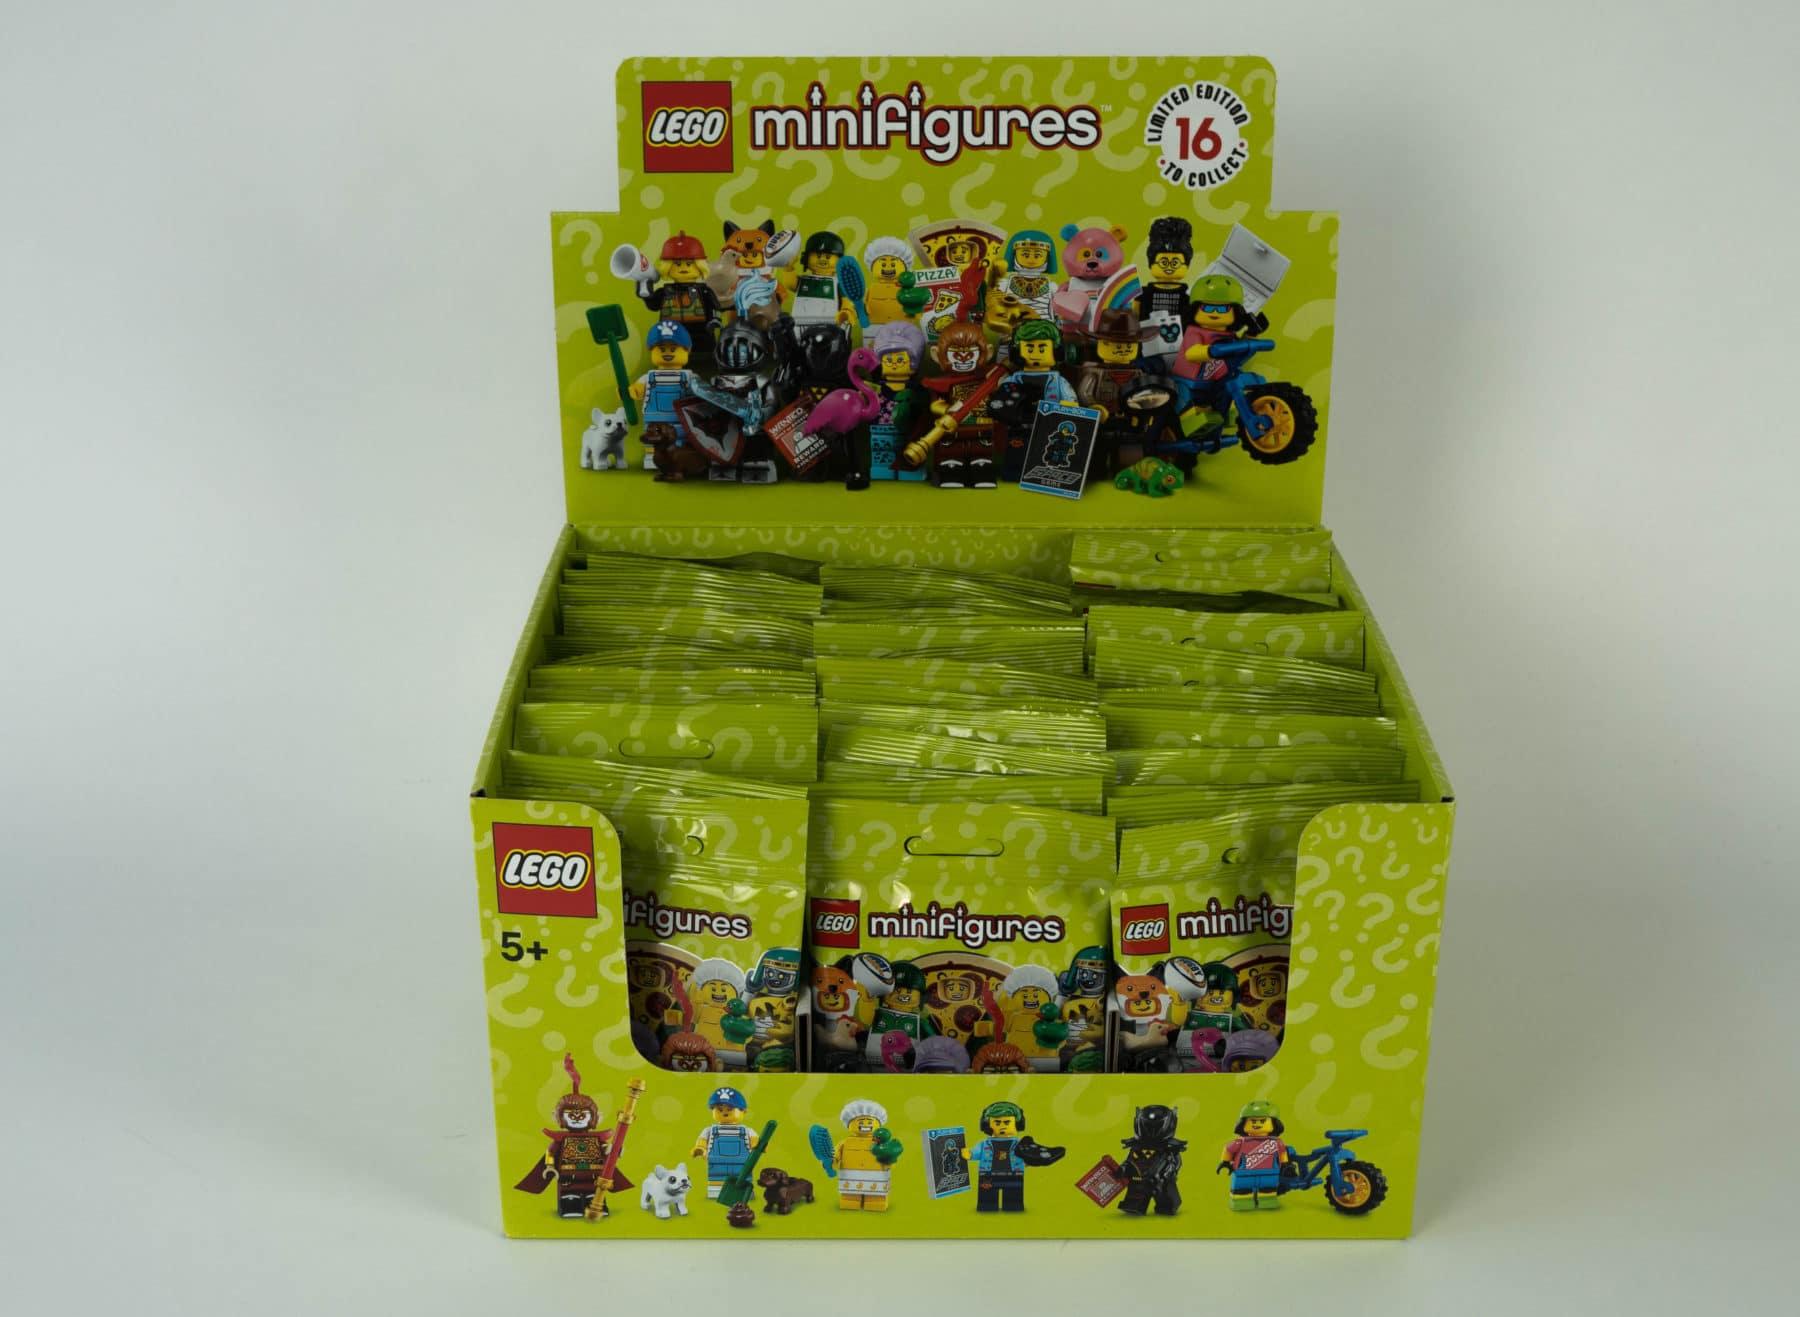 LEGO 71025 Minifiguren Box